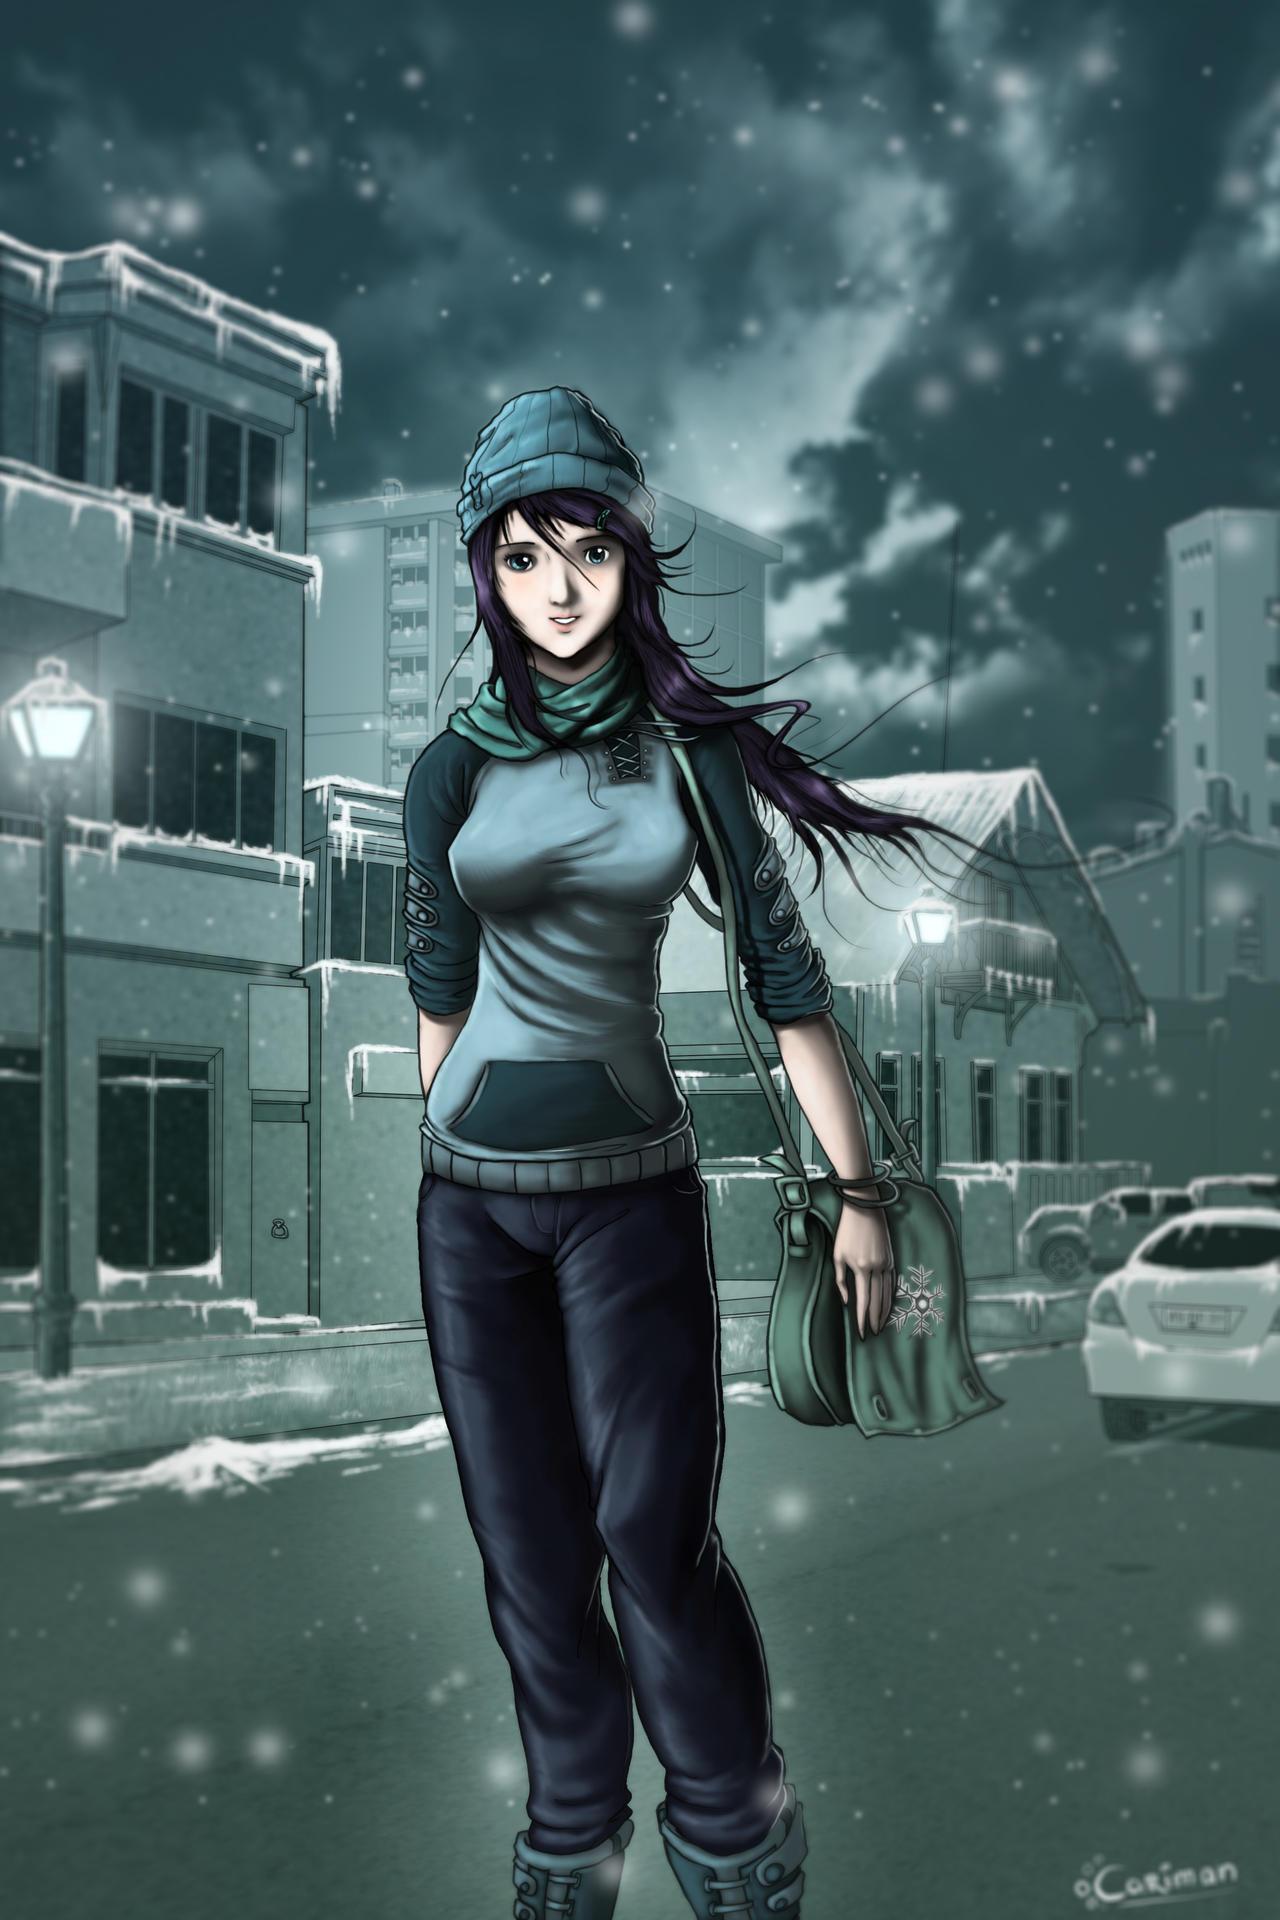 Winter 02 by LarryMoe2012